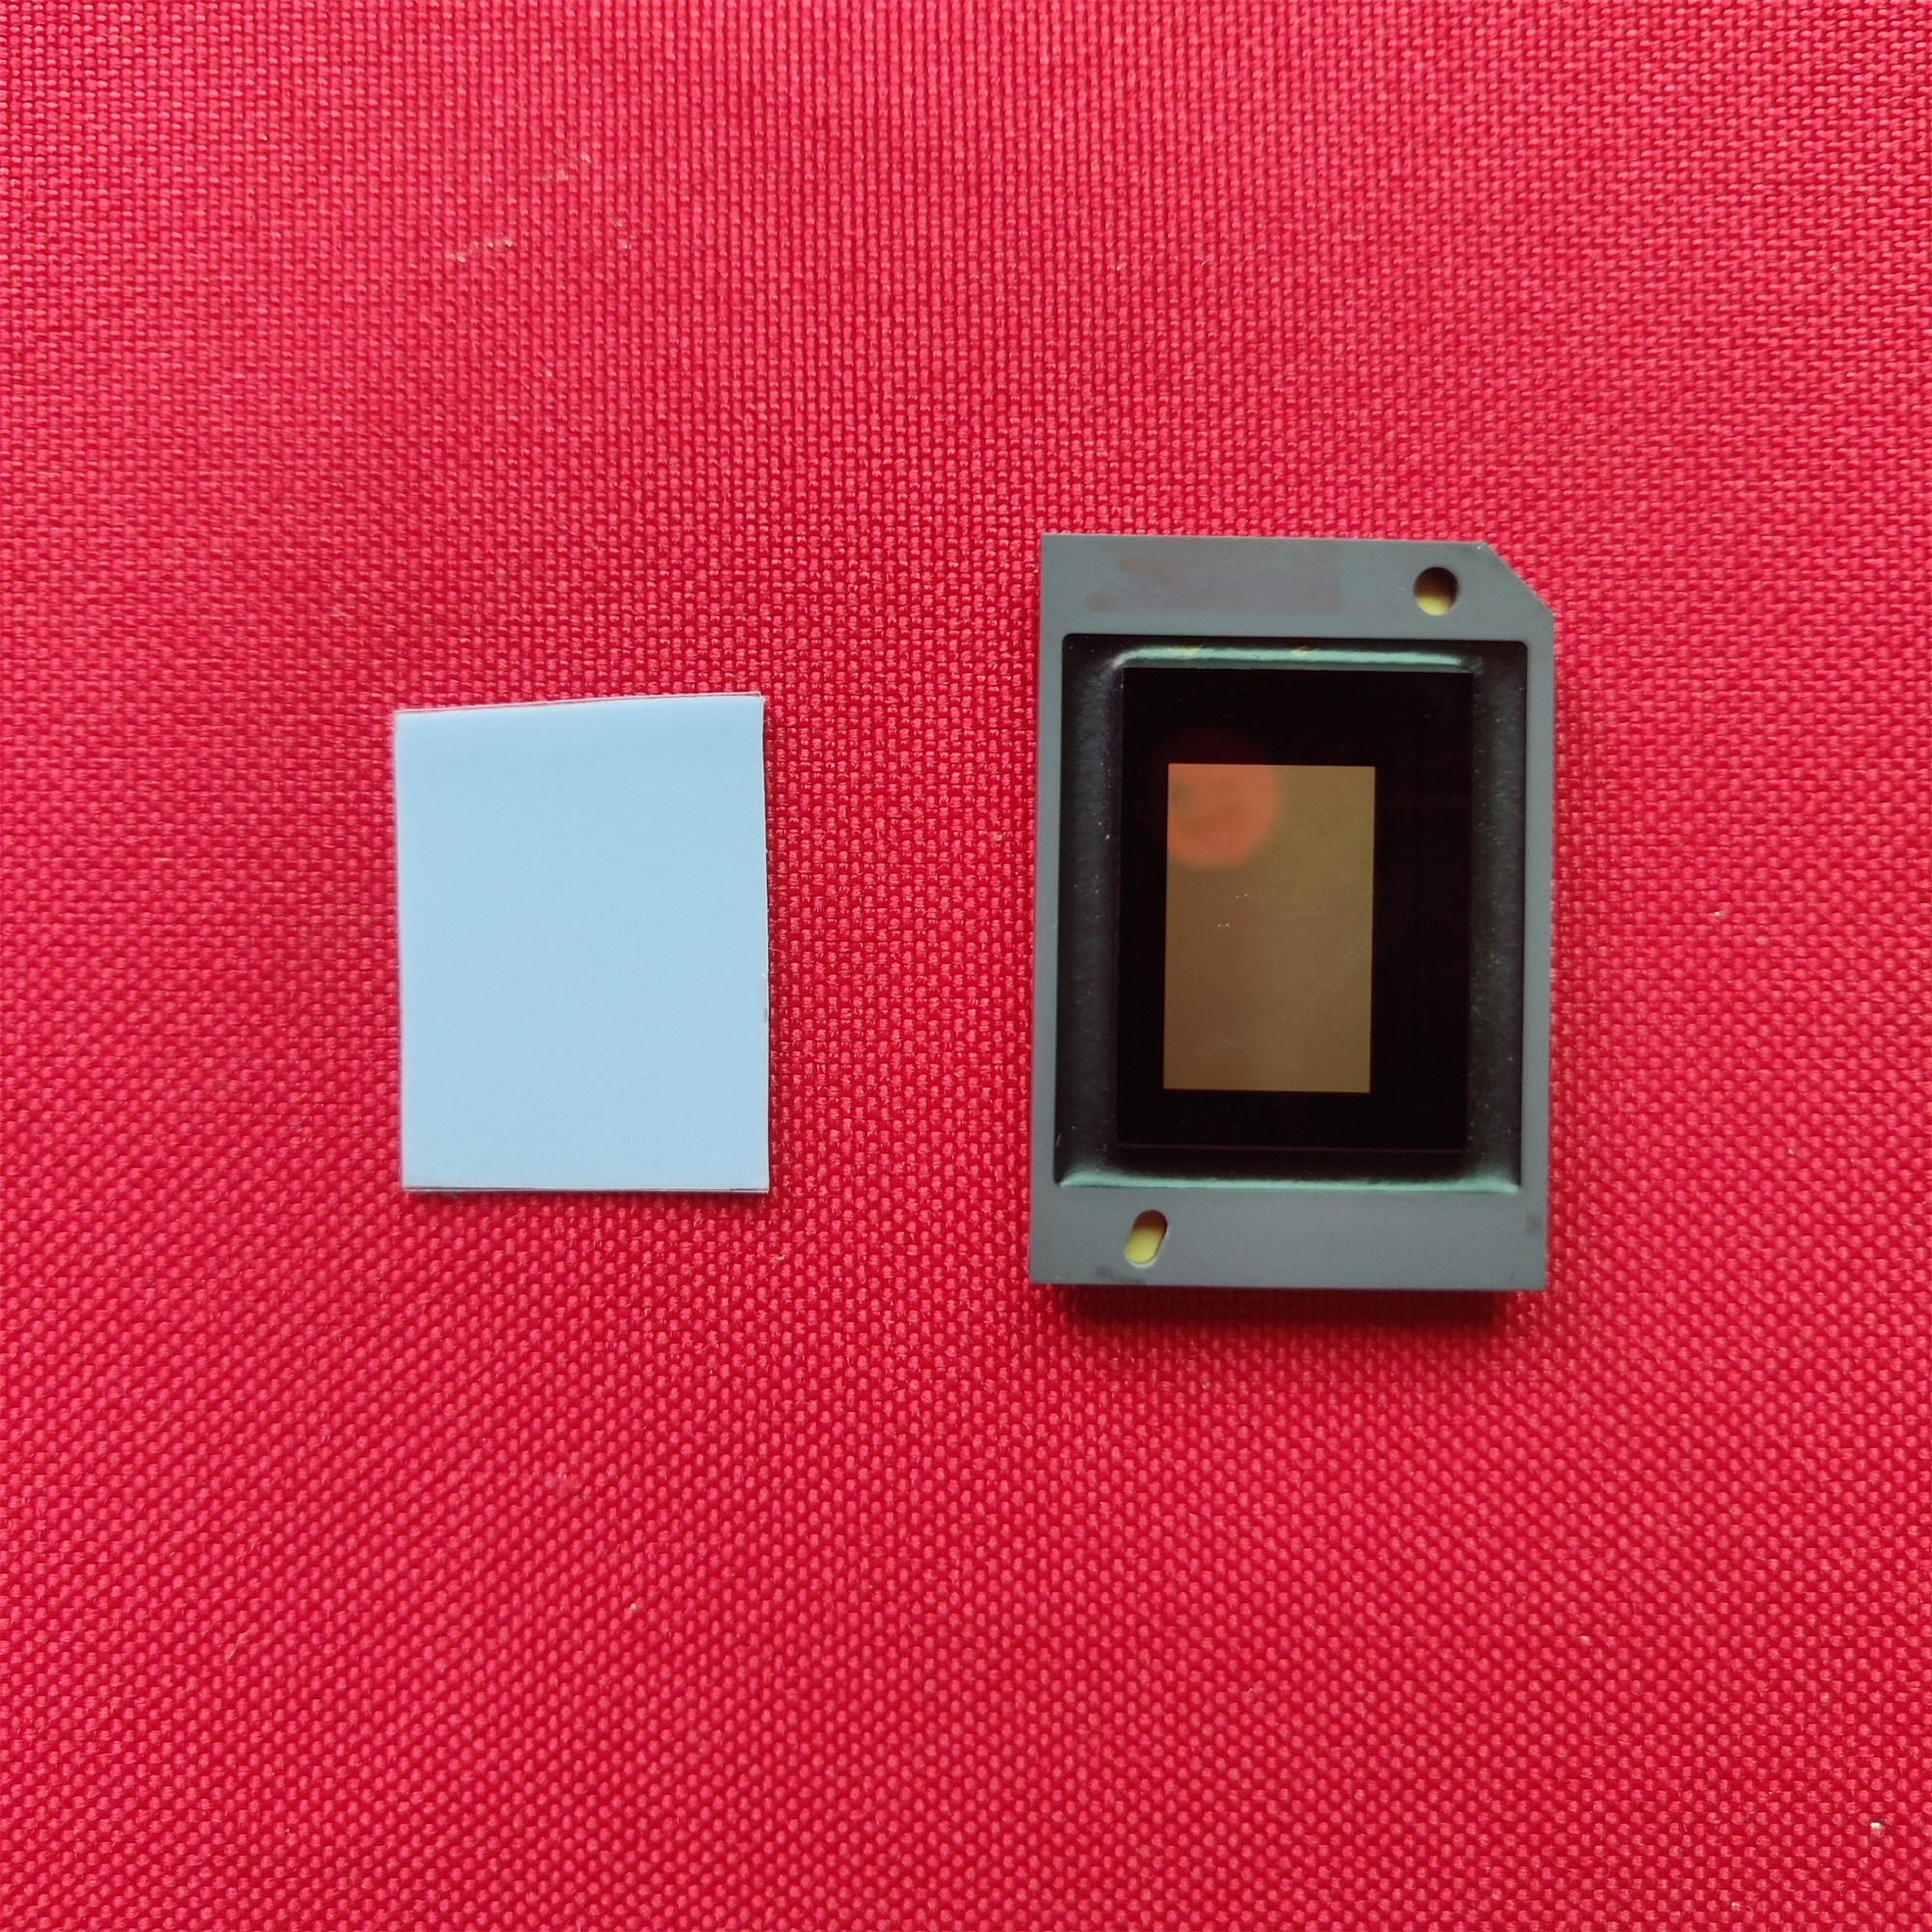 cheapest 4piece lot  BANDE LED VESTEL 32inch REV0 2 TIS-4A 94V-0 1612 VES315WNDA-01 NUEVAS   11LED  574MM